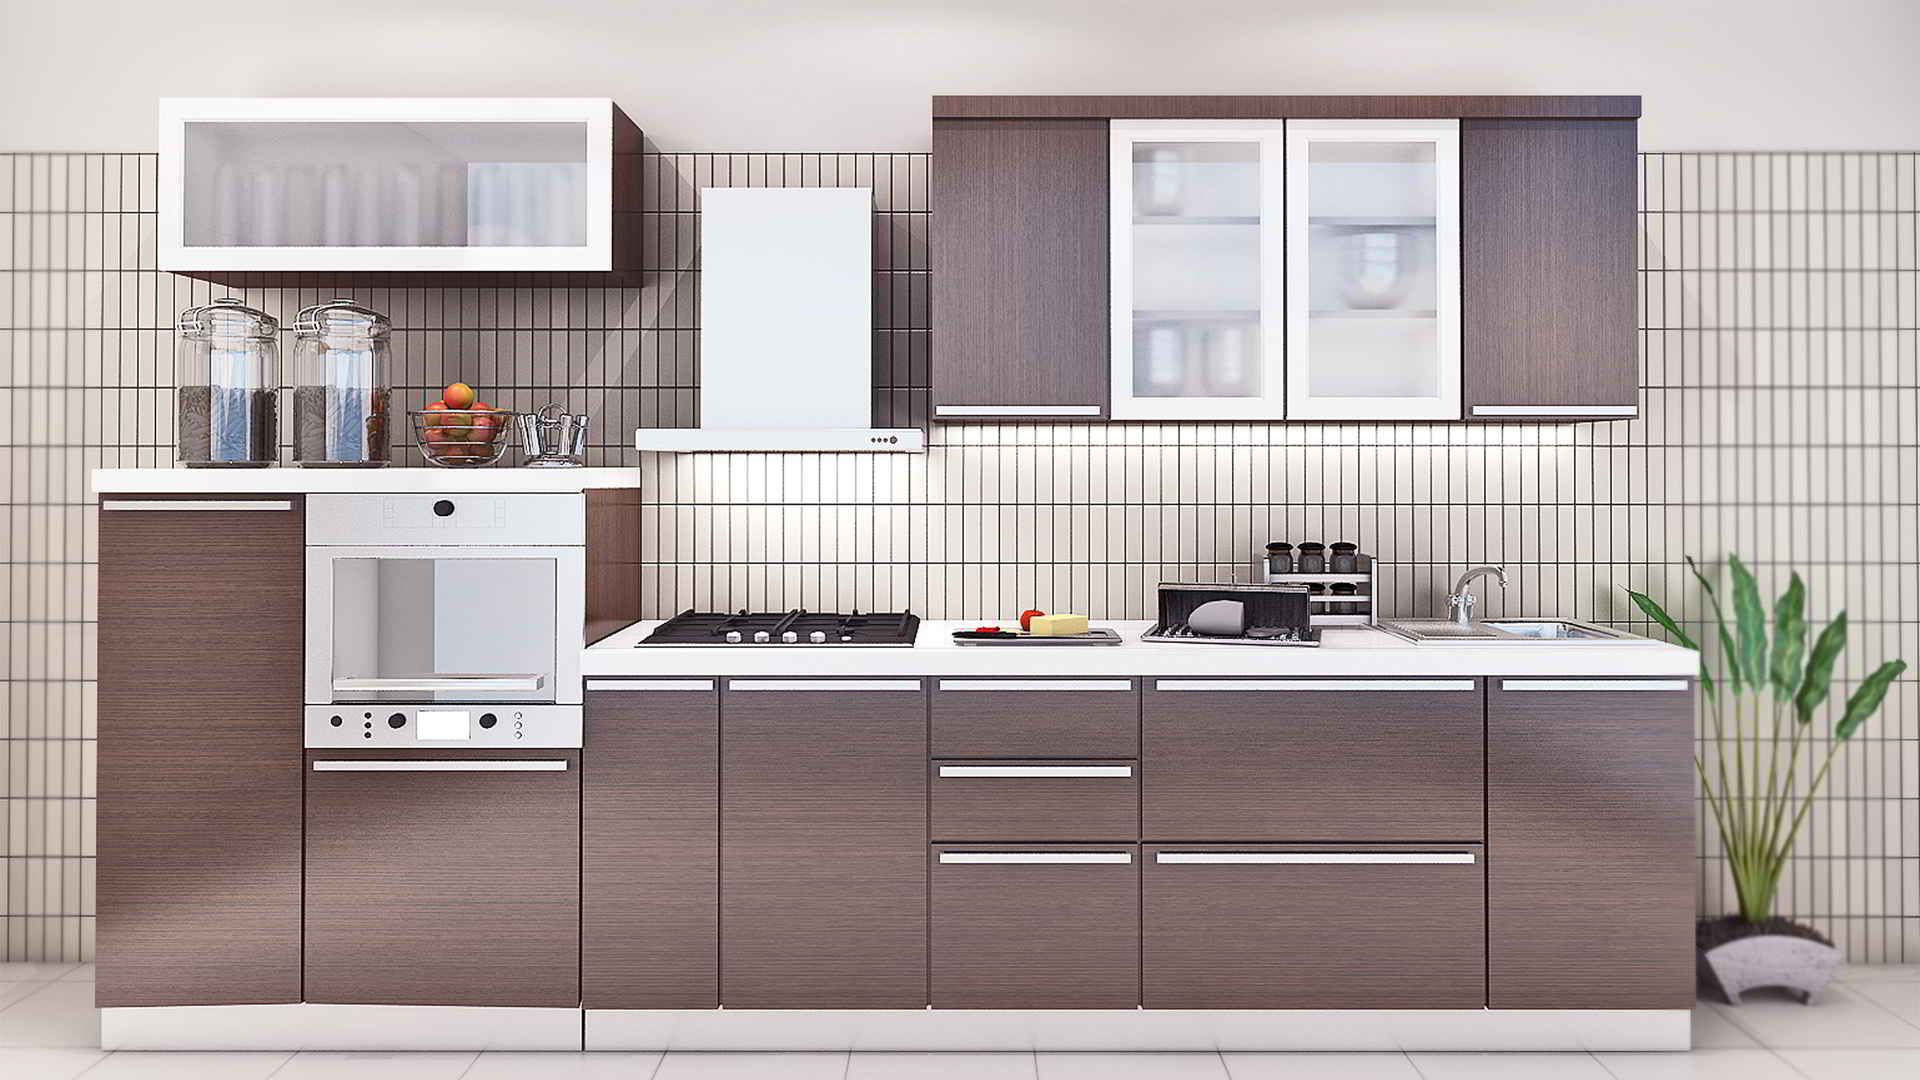 Kitchen Design Hd indian kitchen designs http://modular-kitchens/why_woodrose